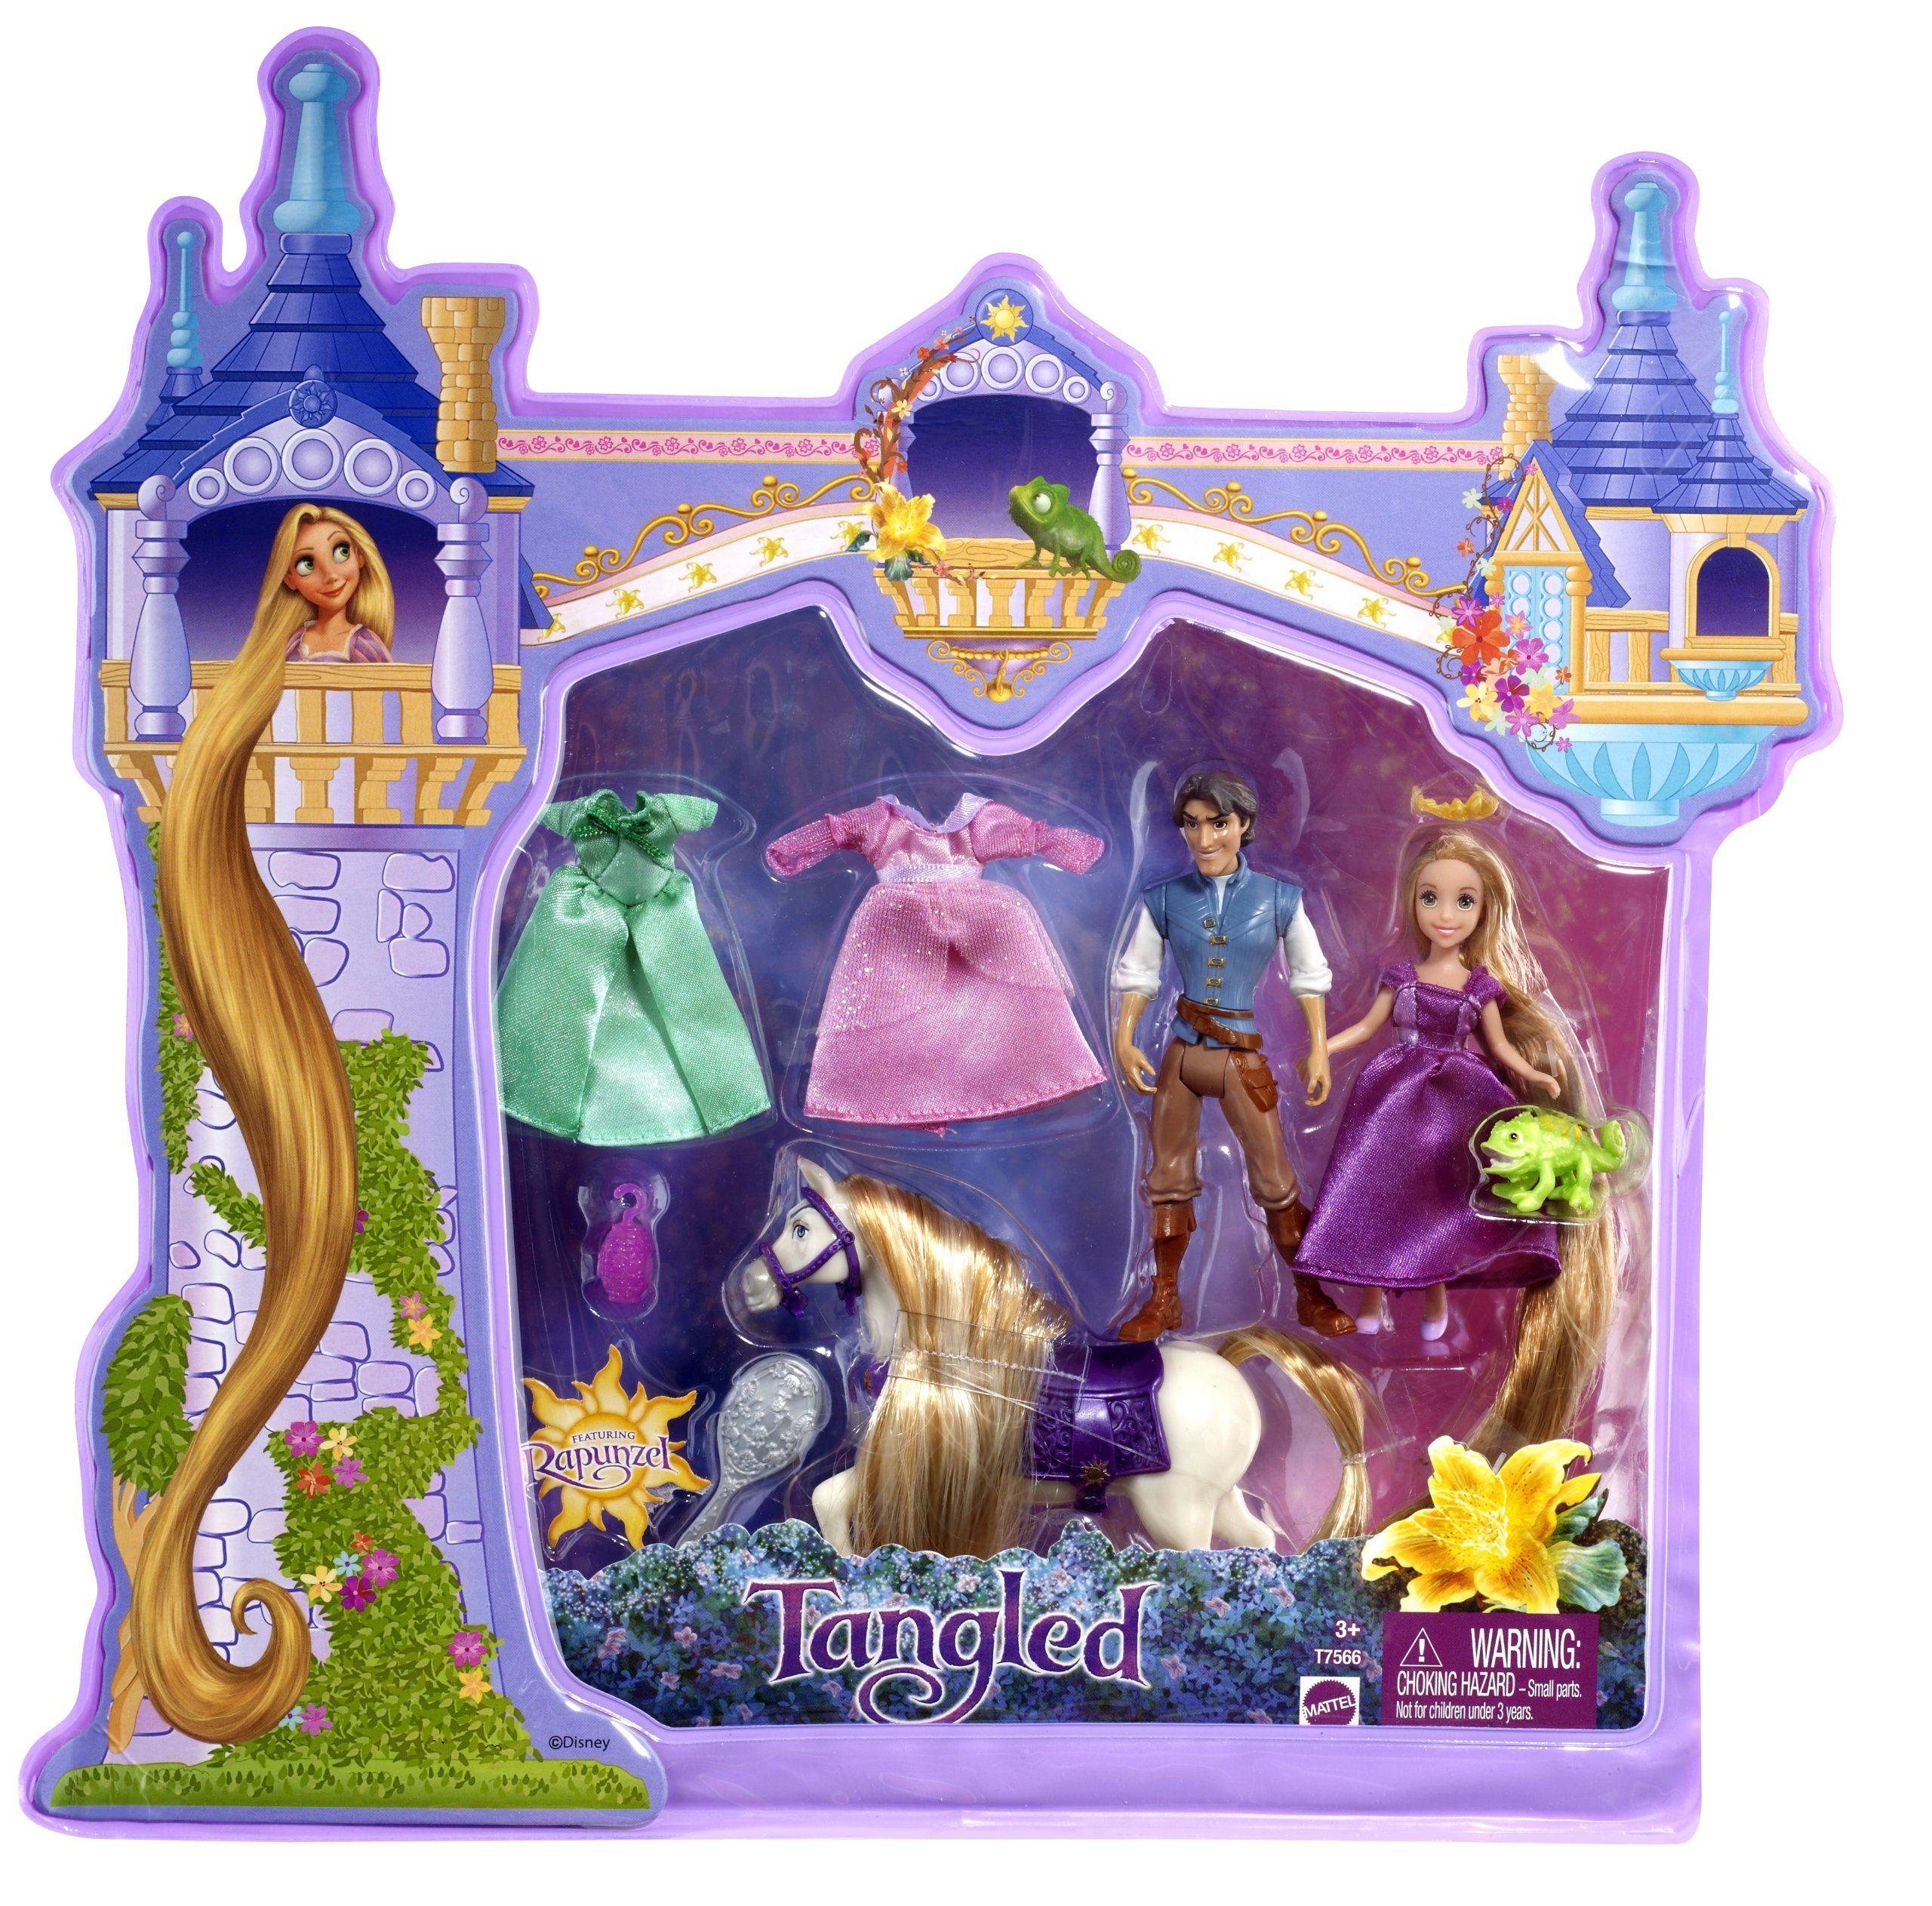 Disney tangled rapunzel deluxe story bag toys